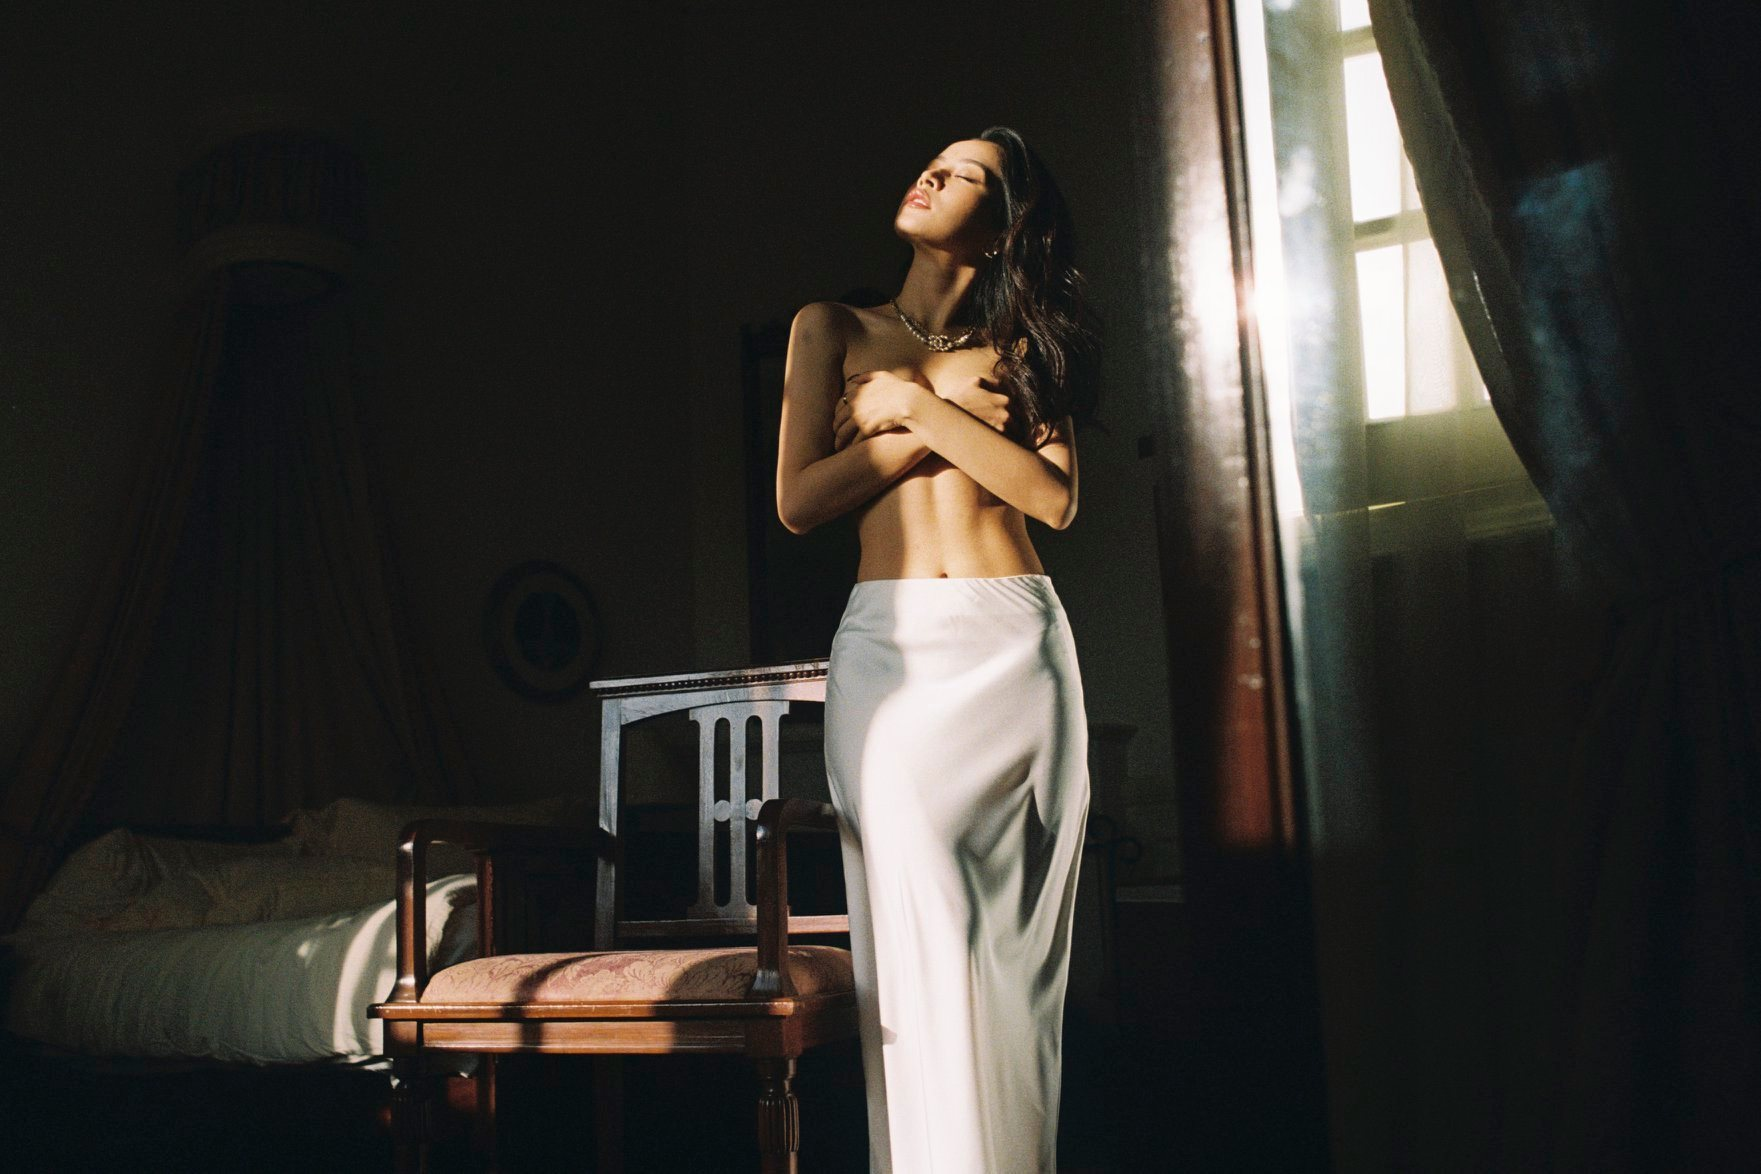 Sau Khả Ngân, Chi Pu cũng tiếp tục gây bất ngờ về nhan sắc khi đăng một bộ hình bán nude chụp tại Đà Lạt.